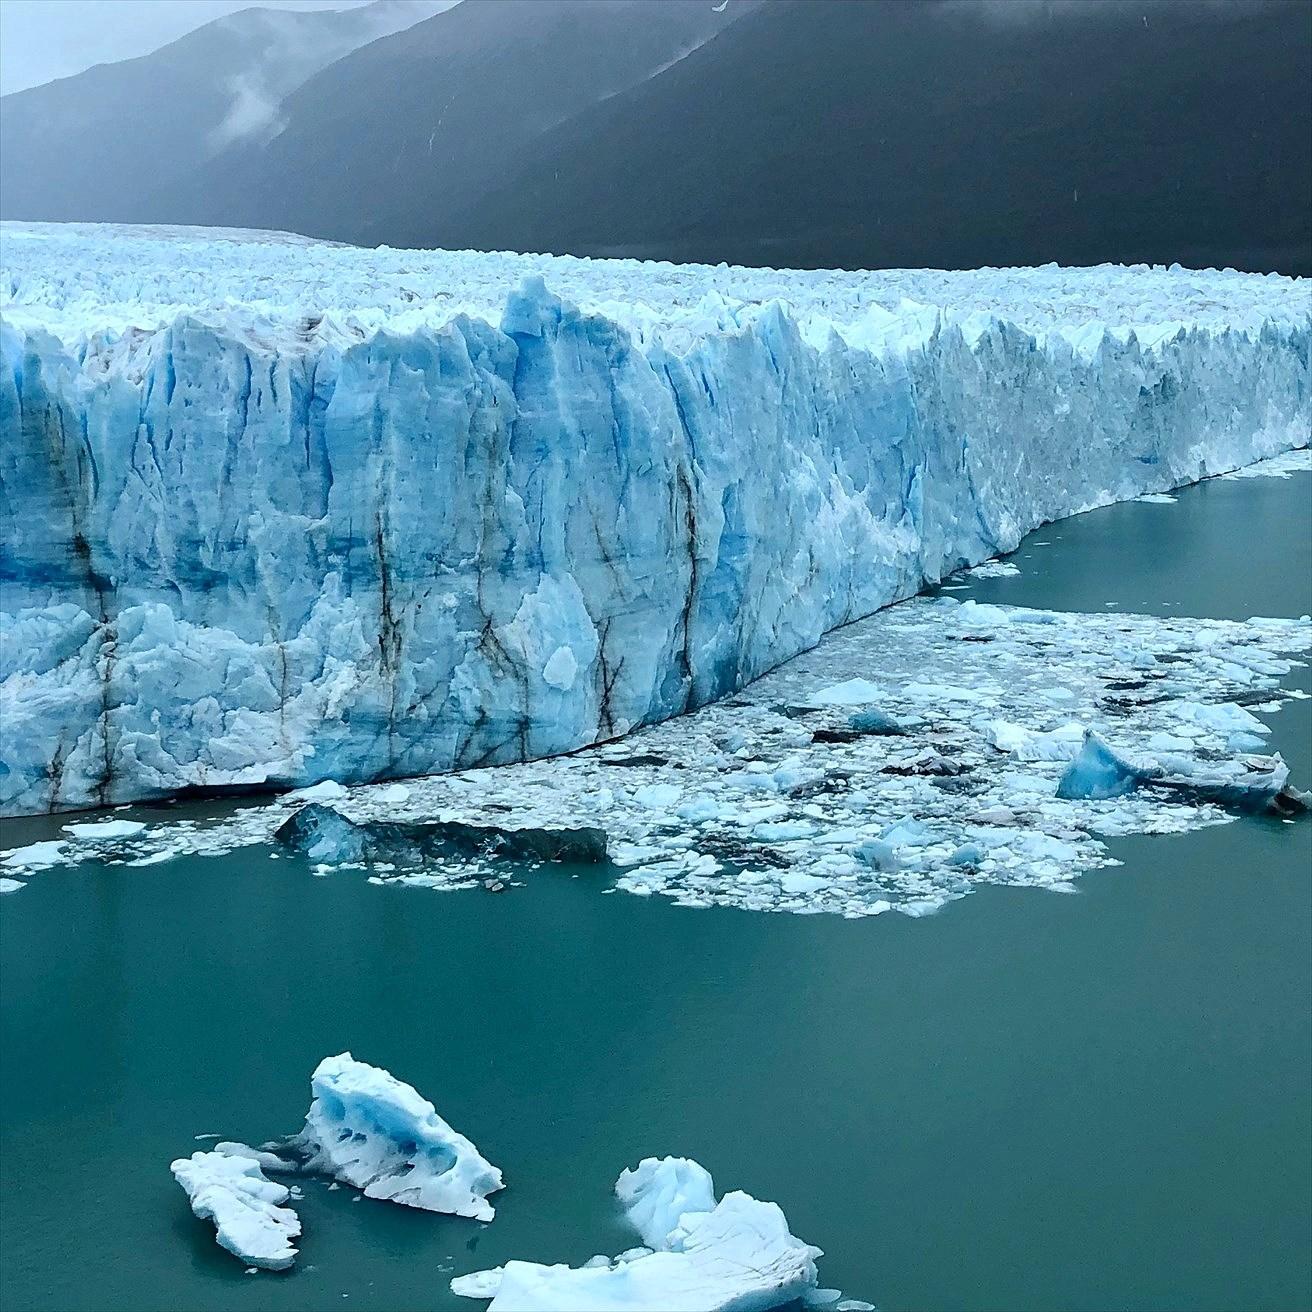 中南米の旅/36 ペリト・モレノ氷河@パタゴニア_a0092659_11543727.jpg